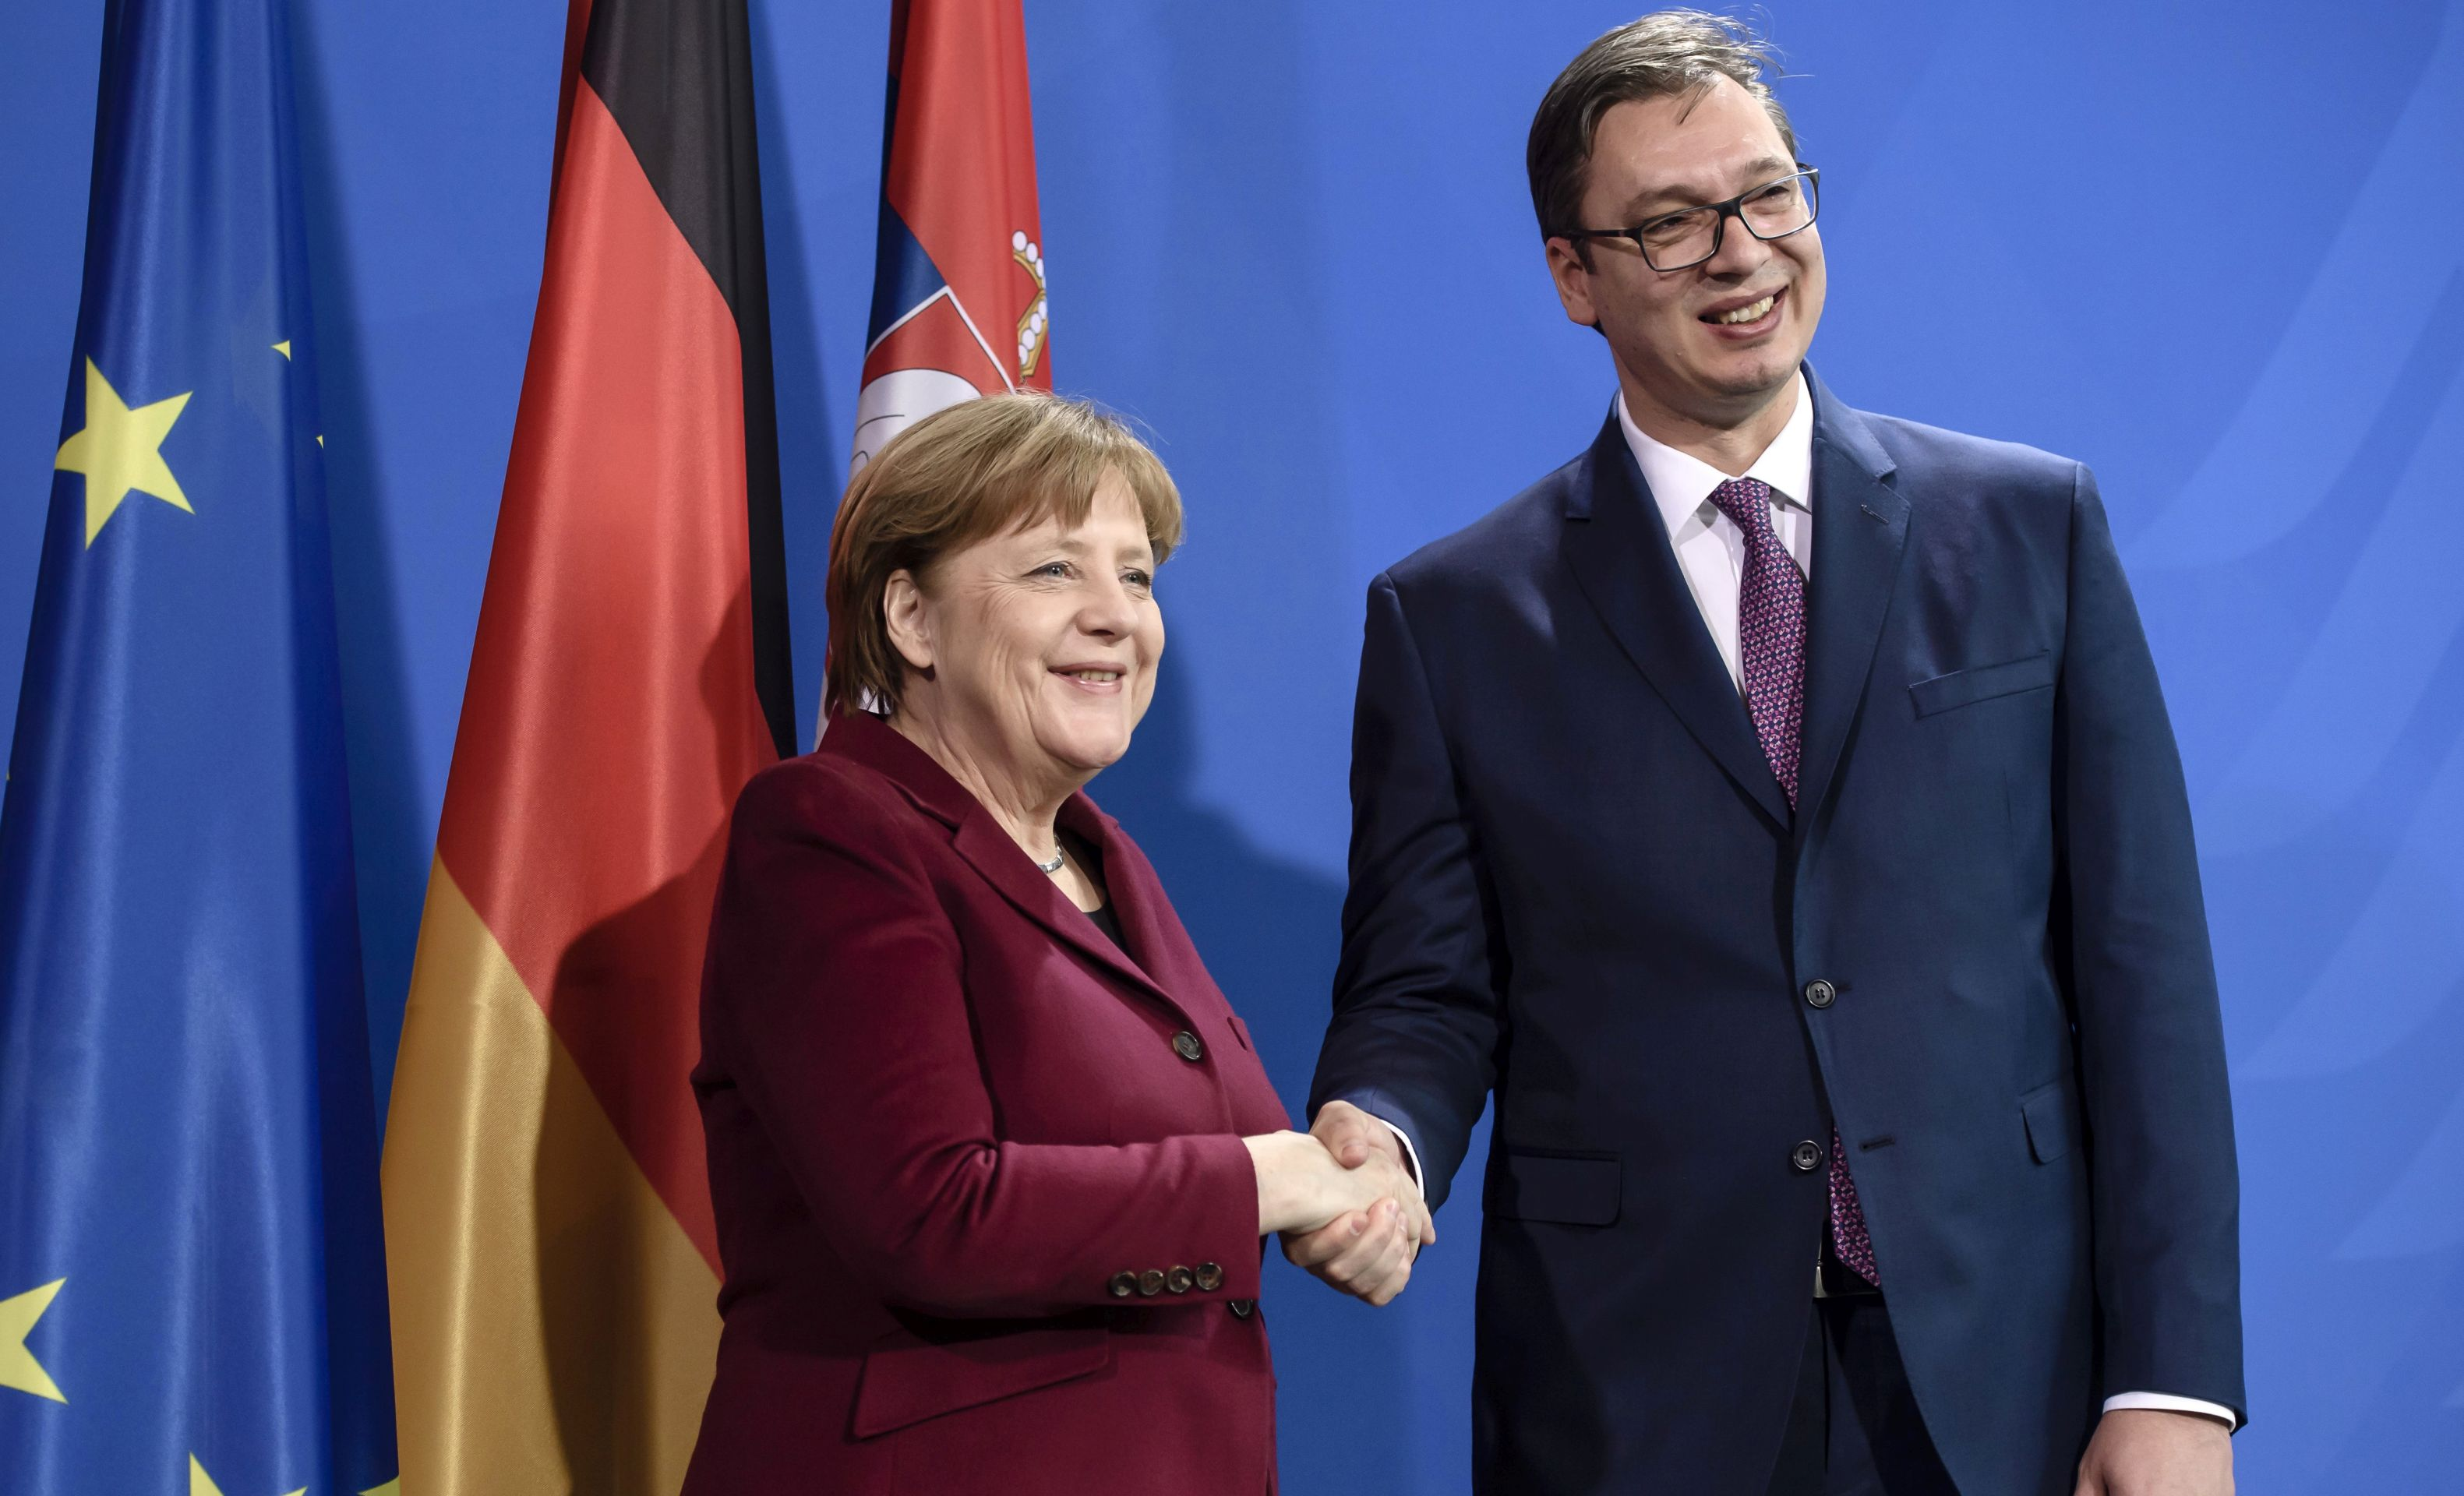 Merkel poduprla Vučićevu proeuropsku politiku i nastojanja da riješi odnose s Kosovom